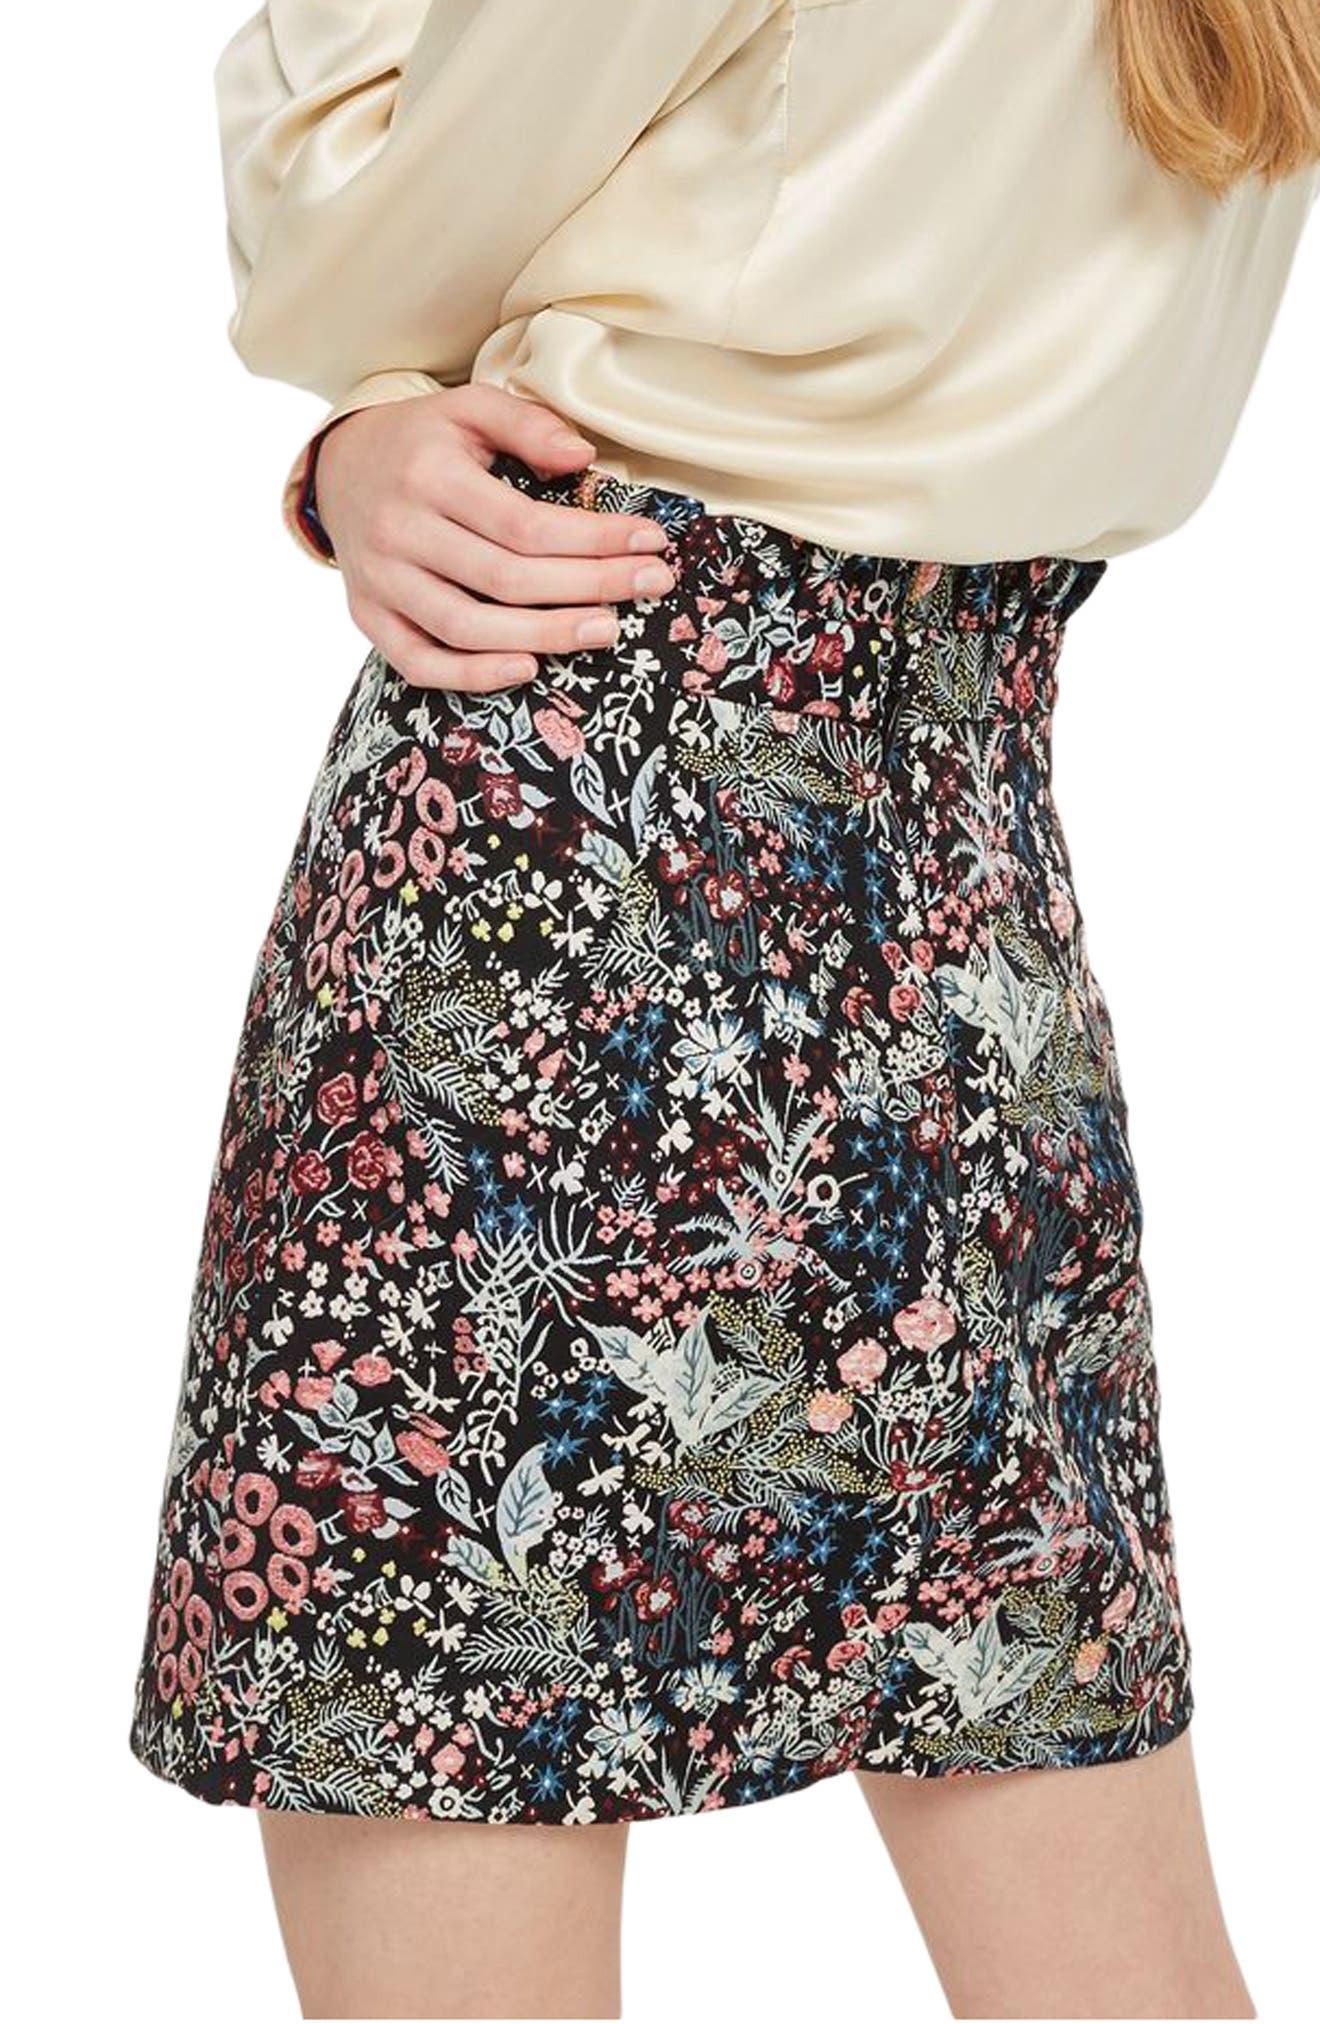 Woodland Jacquard Skirt,                             Alternate thumbnail 2, color,                             Black Multi